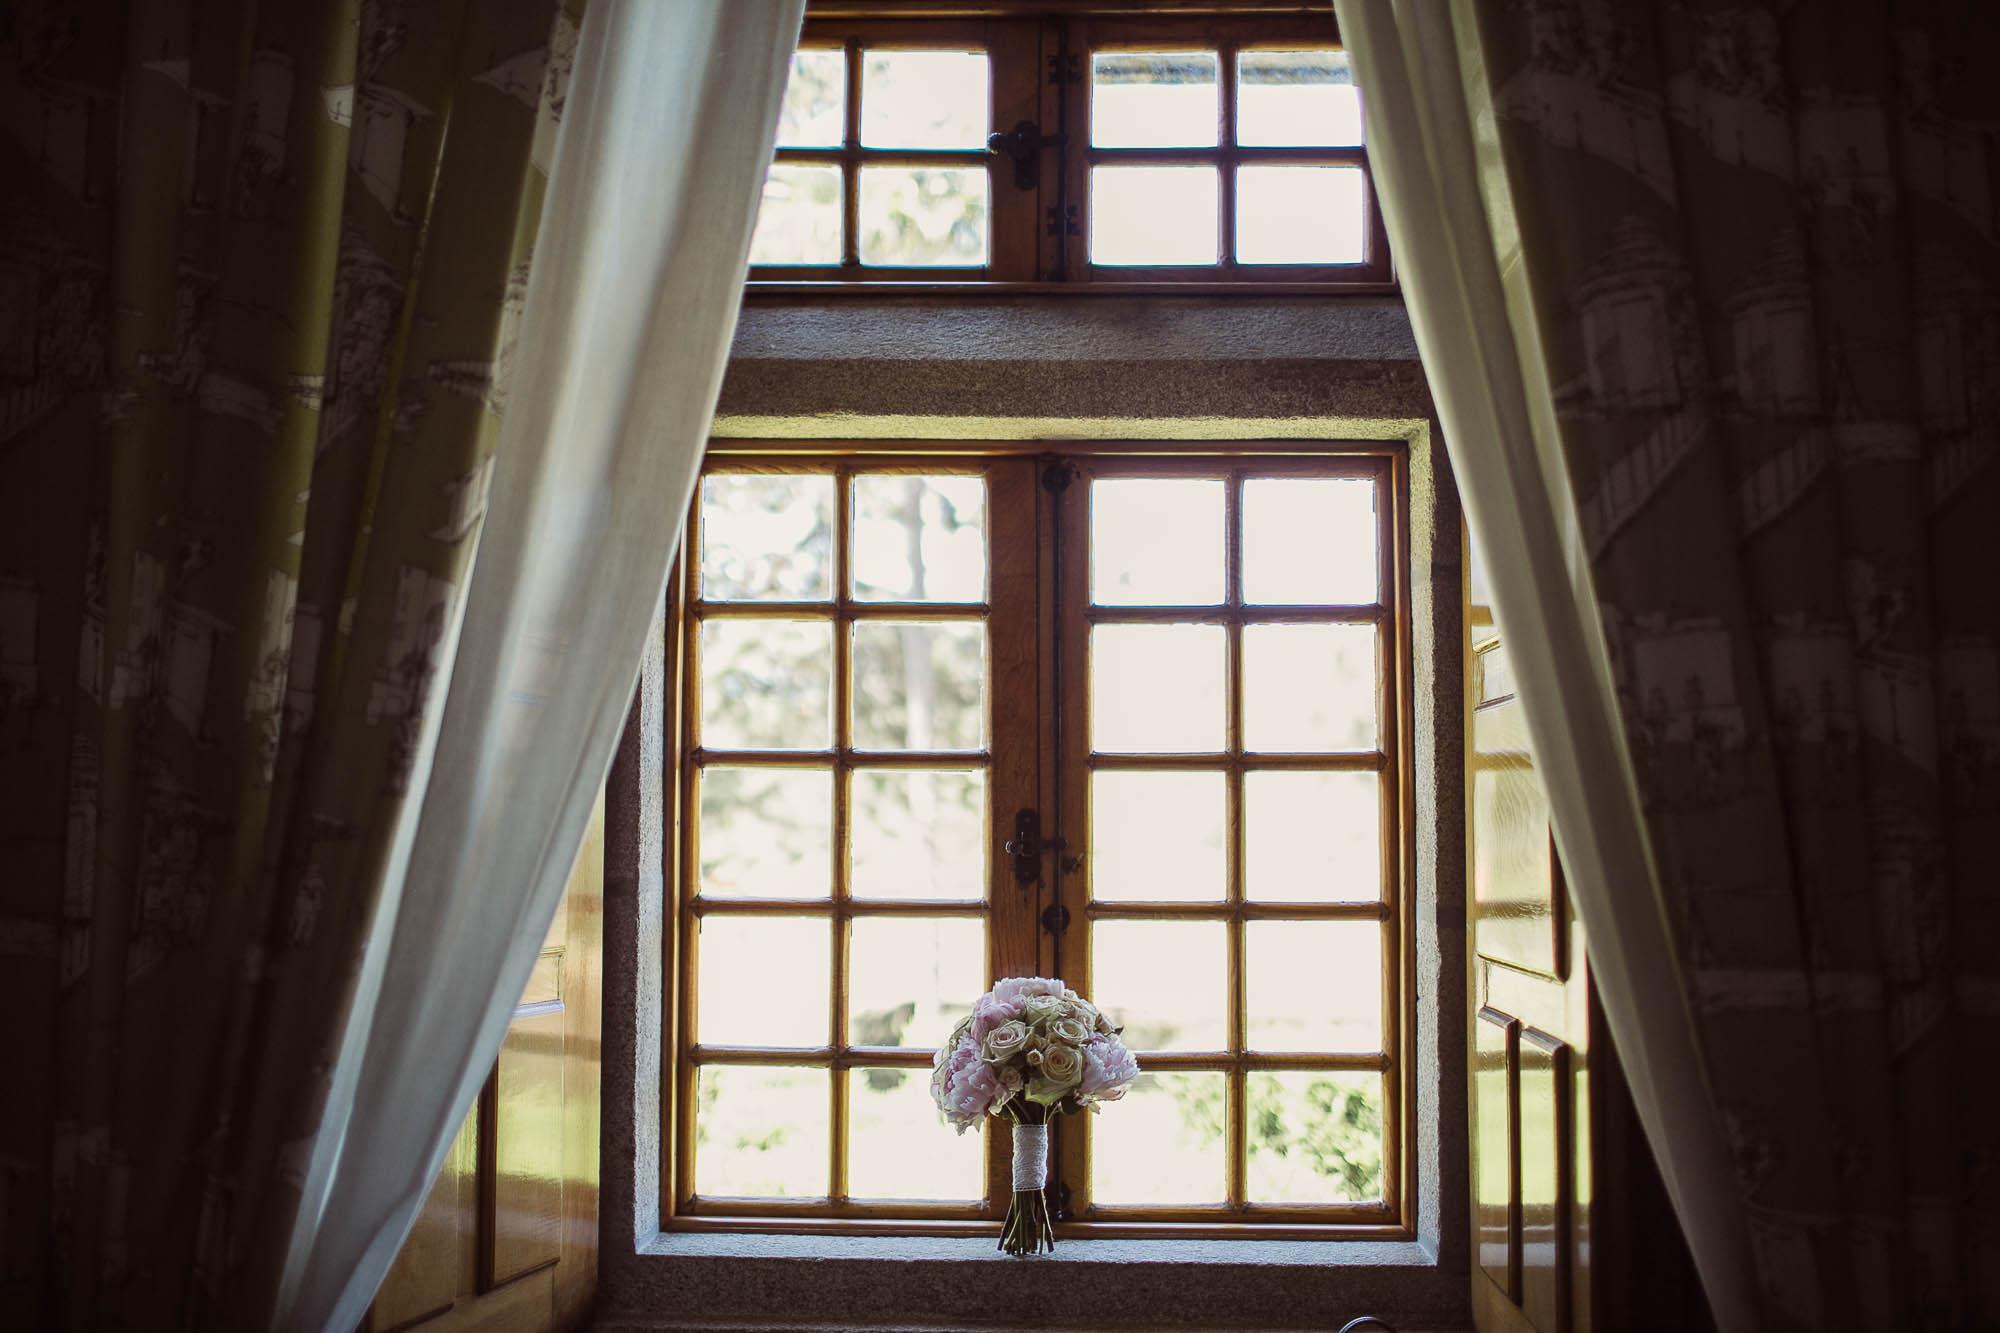 El ramo de bodas colocado delante de una ventana bañado de luz